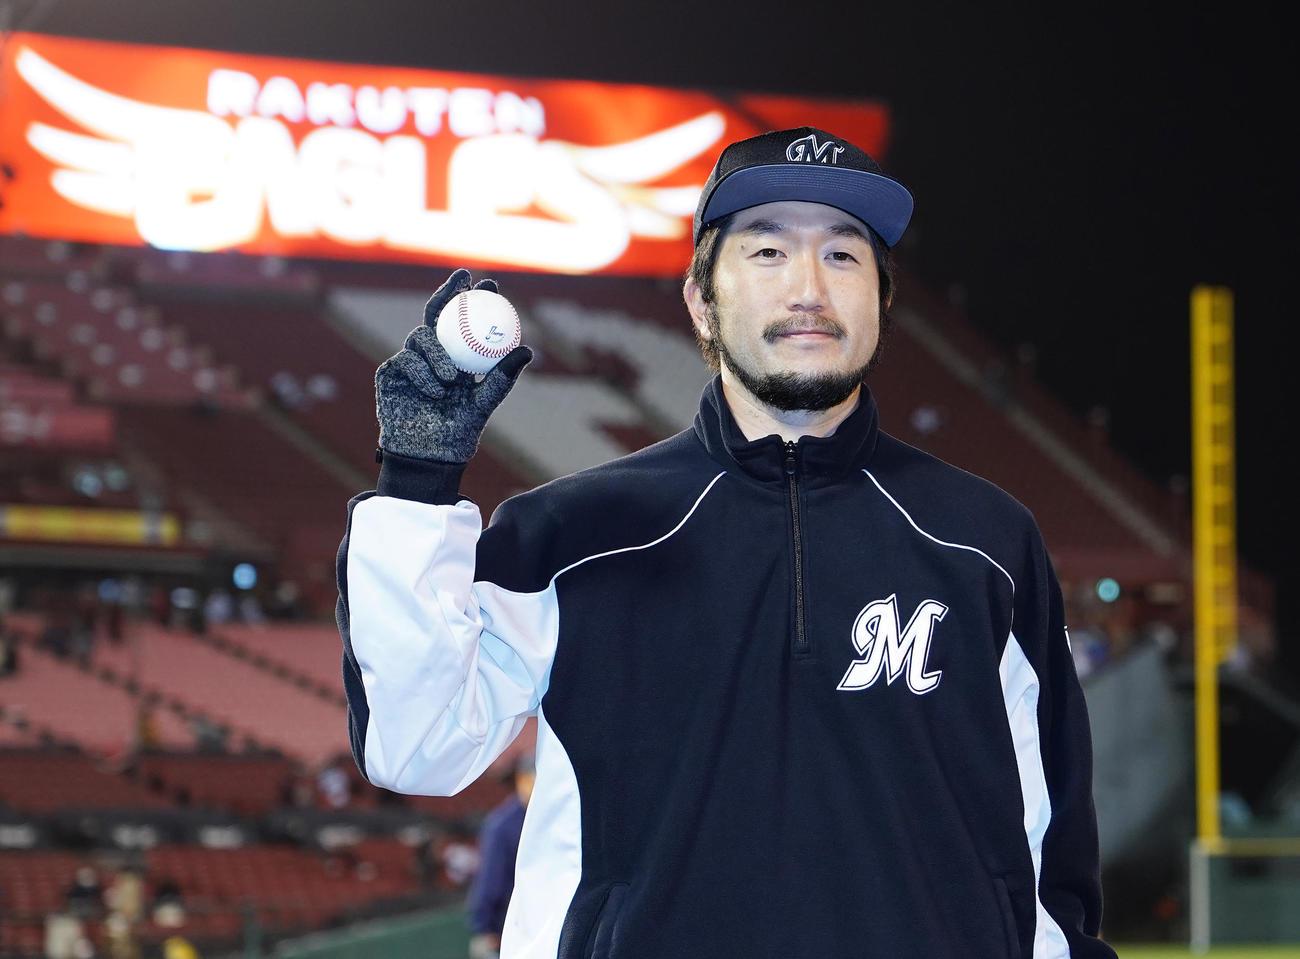 楽天に先発し、7回を7安打1失点で今季初勝利を挙げたロッテ石川は、ウイニングボールを手にする(撮影・菅敏)